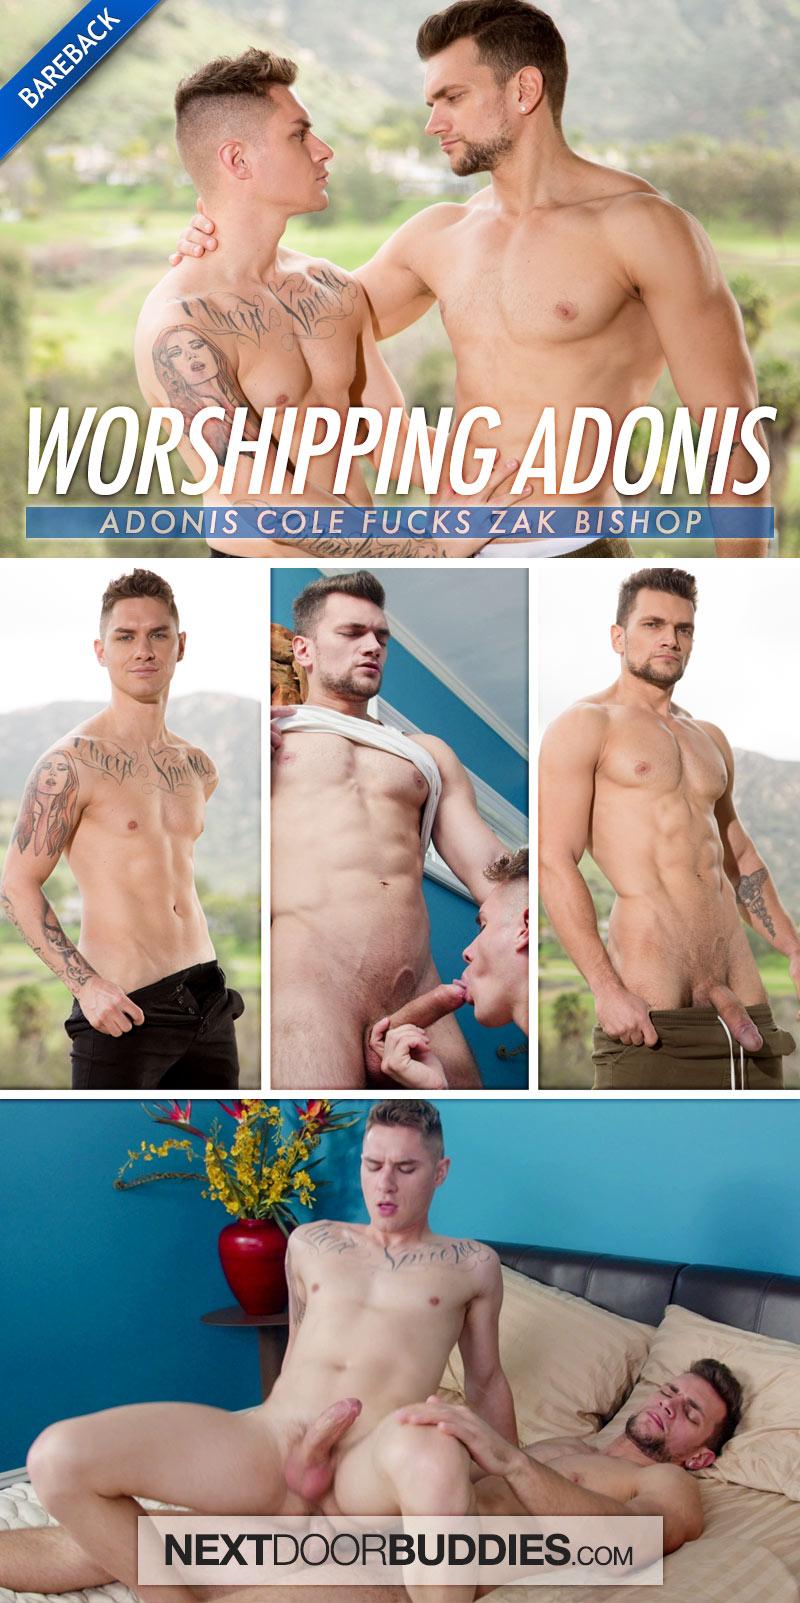 Worshipping Adonis (Adonis Cole Fucks Zak Bishop) (Bareback) at Next Door Buddies